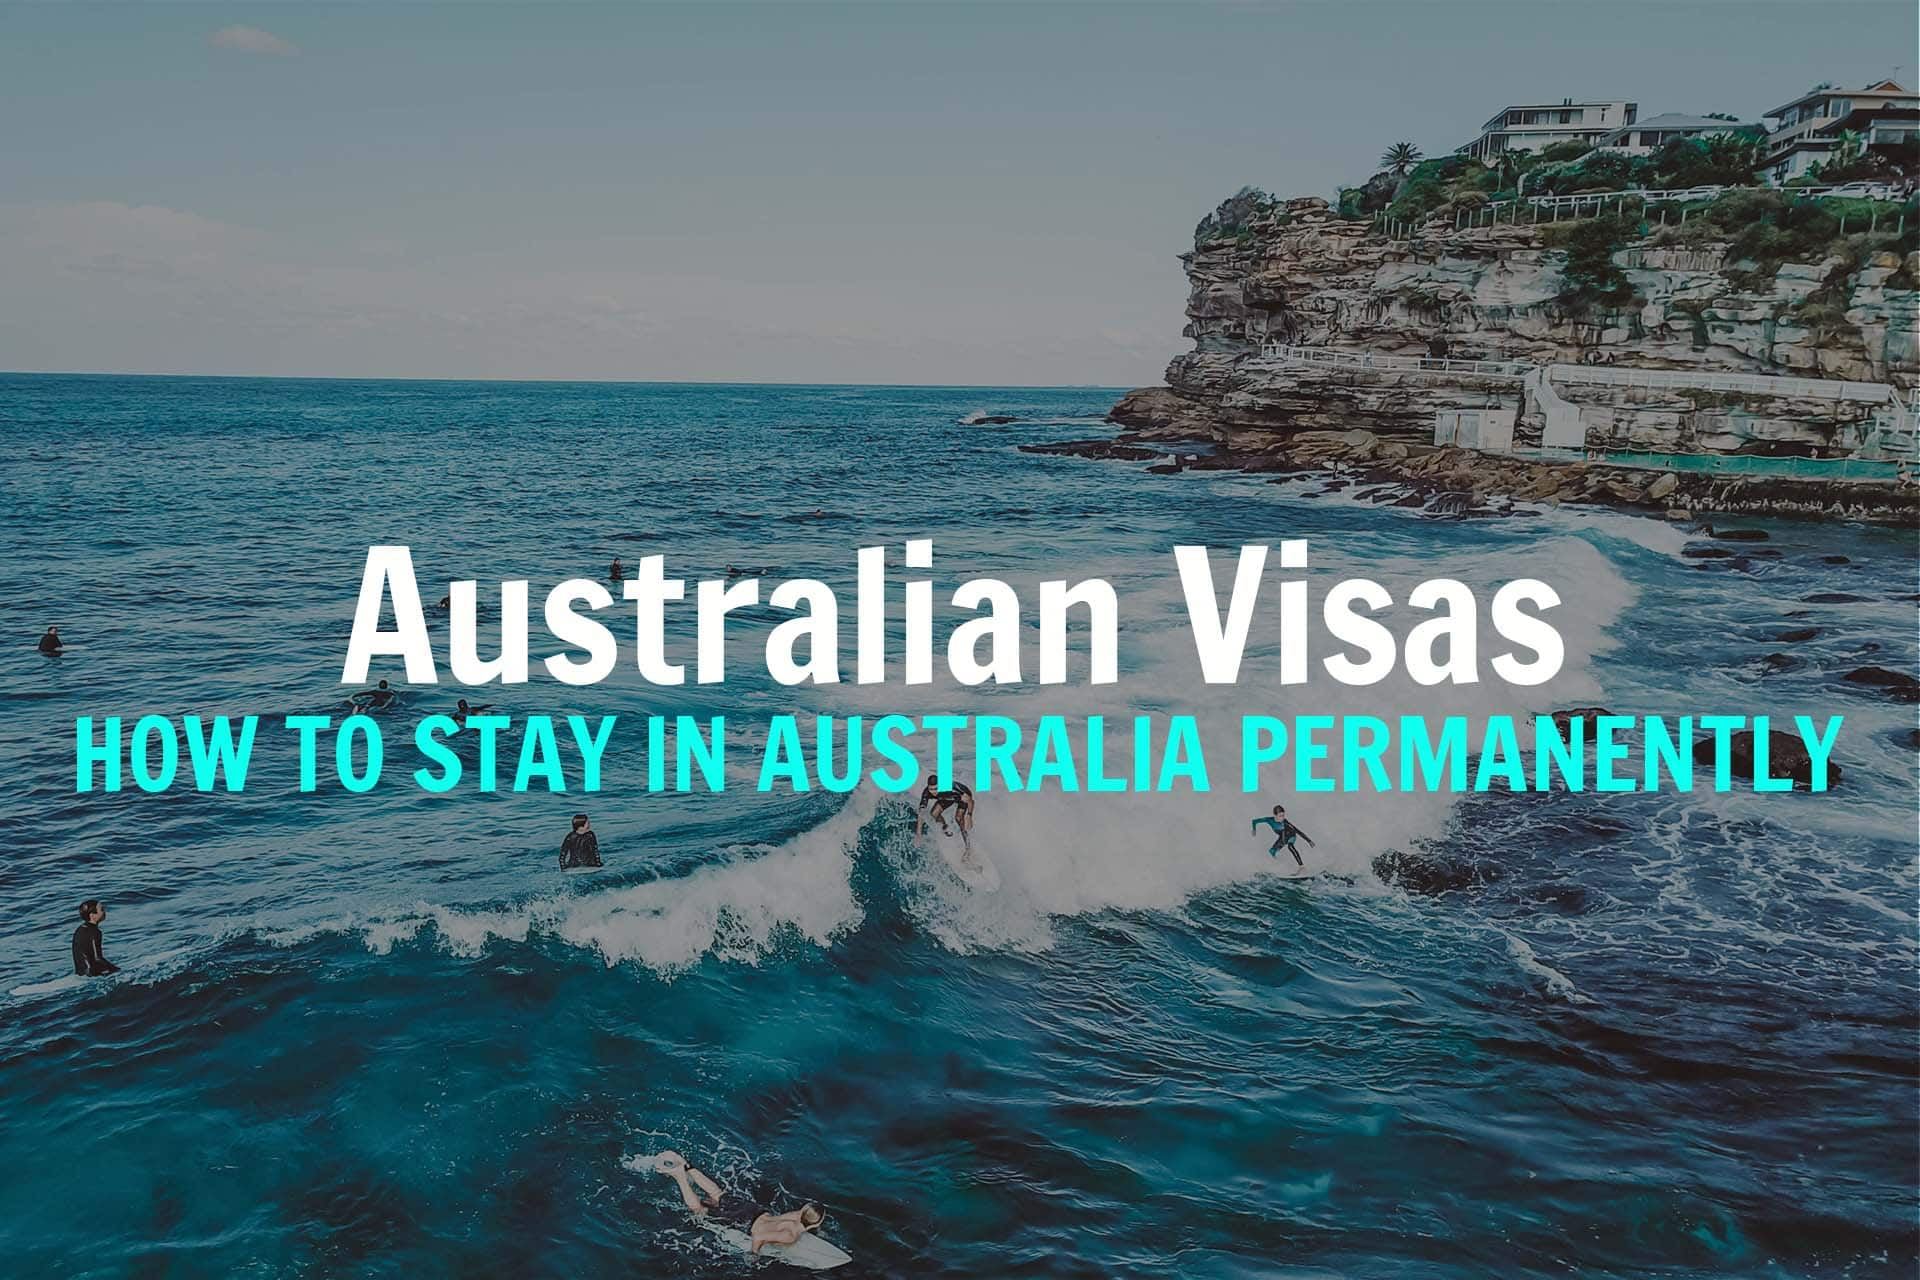 AUSTRALIA-VISA